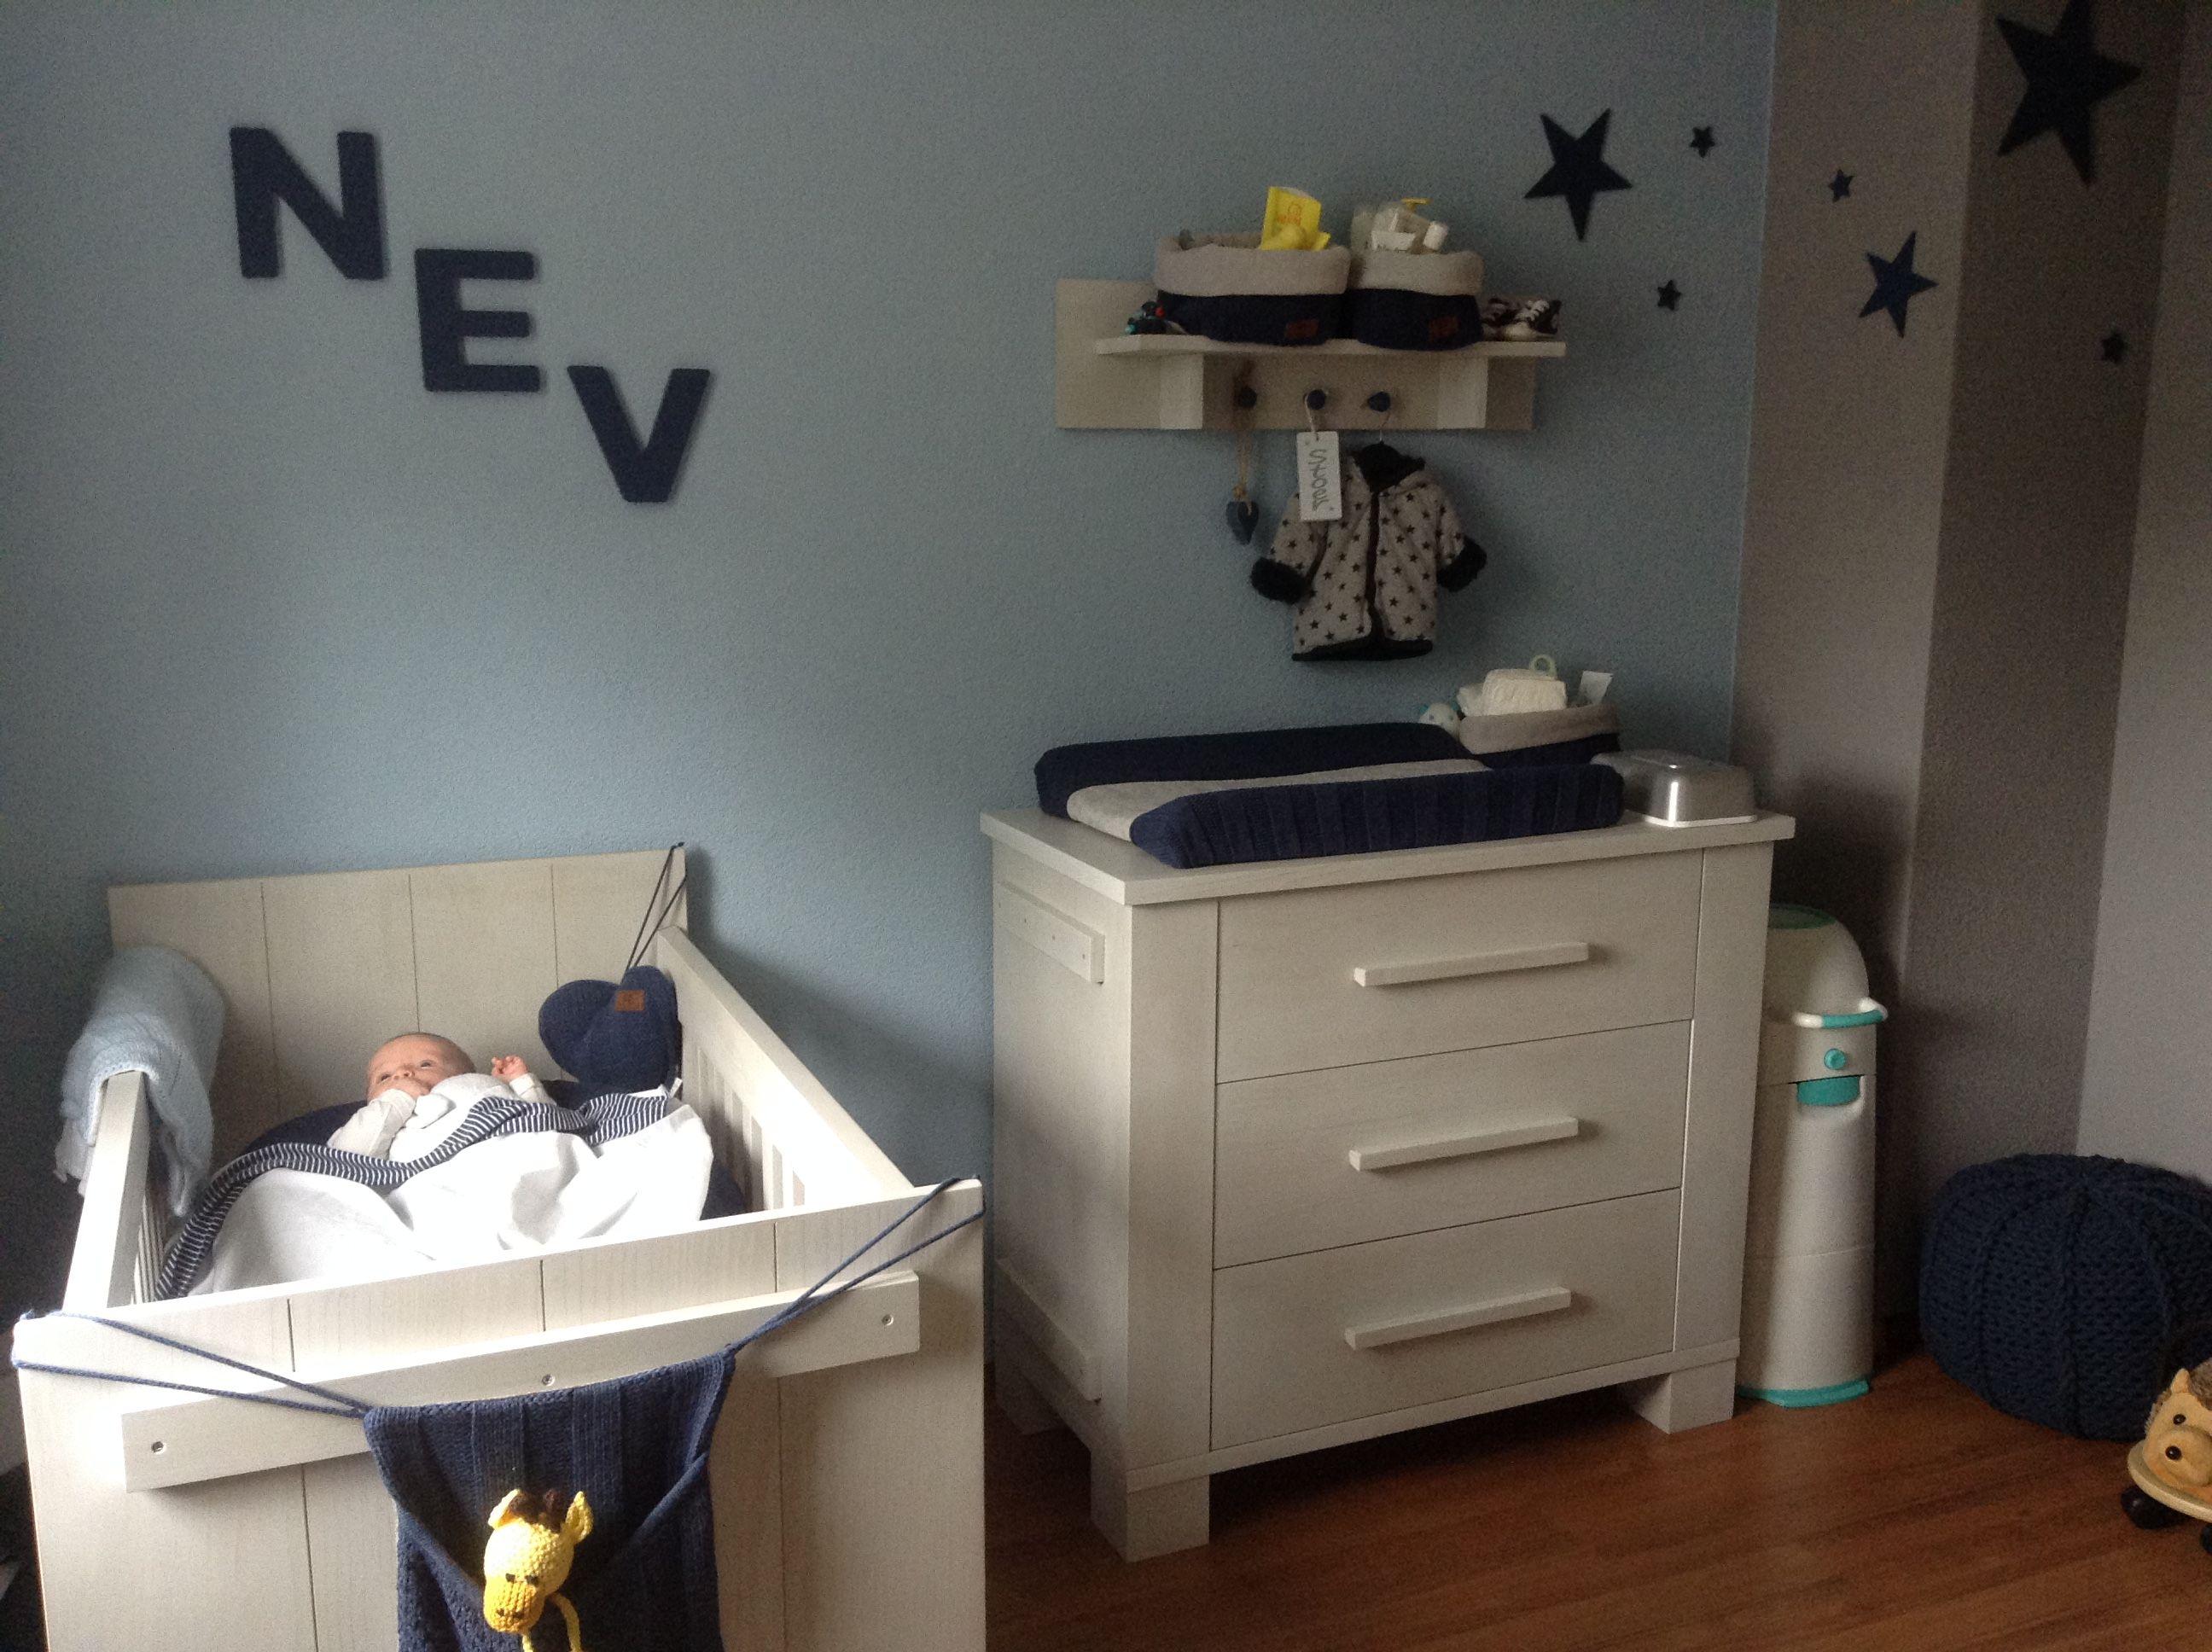 Babykamer Bopita Ideeen : Babykamer nev baby s only spullen in de kleur jeans meubels bopita